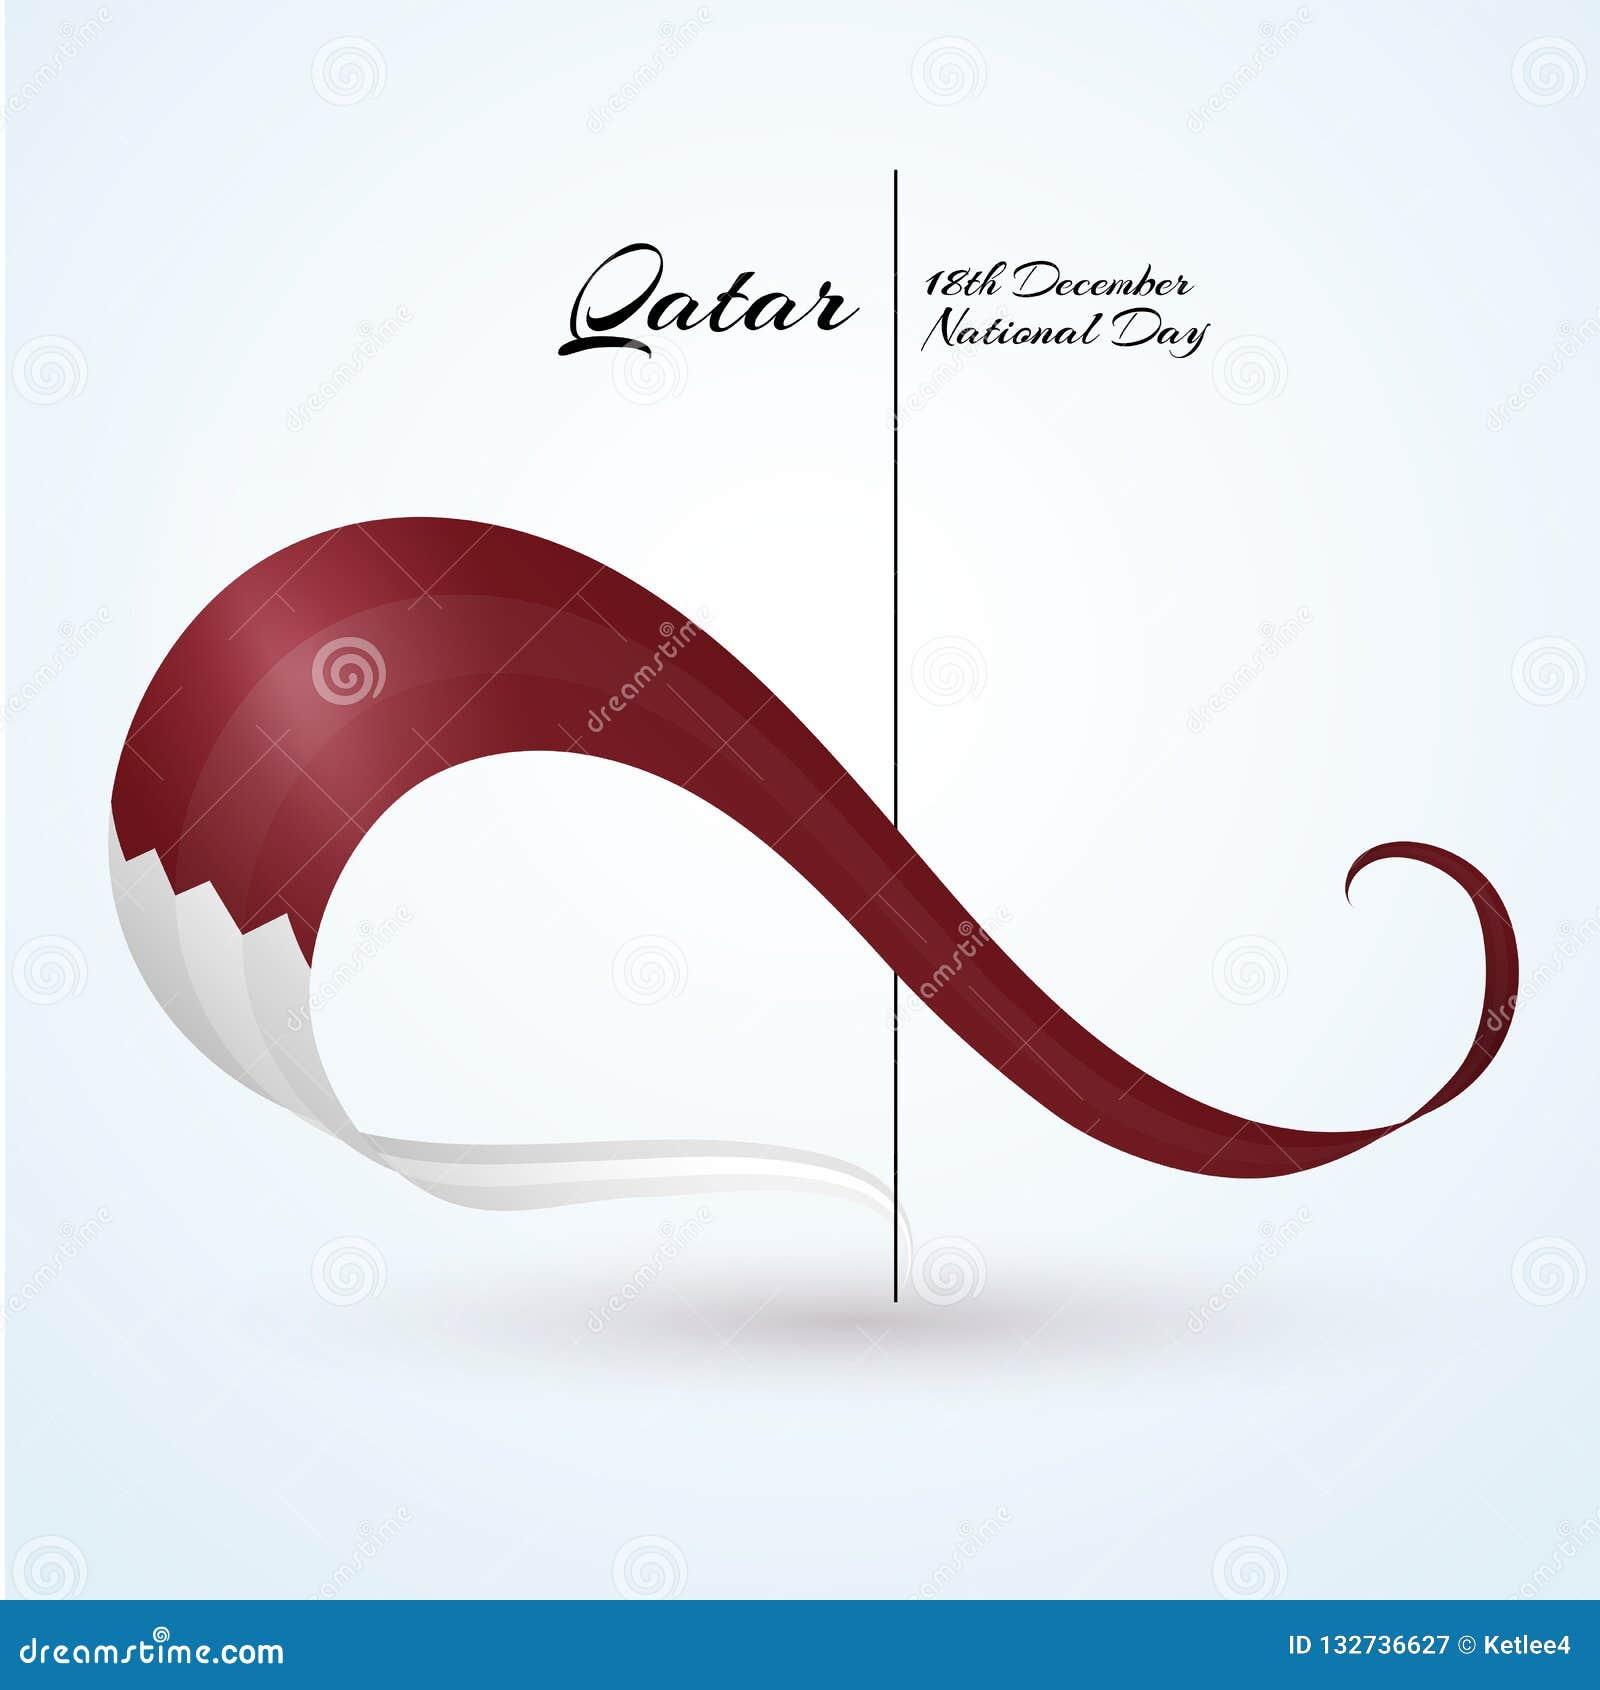 Le drapeau national du Qatar a courbé le ruban de couleurs du drapeau avec le texte du jour national heureux